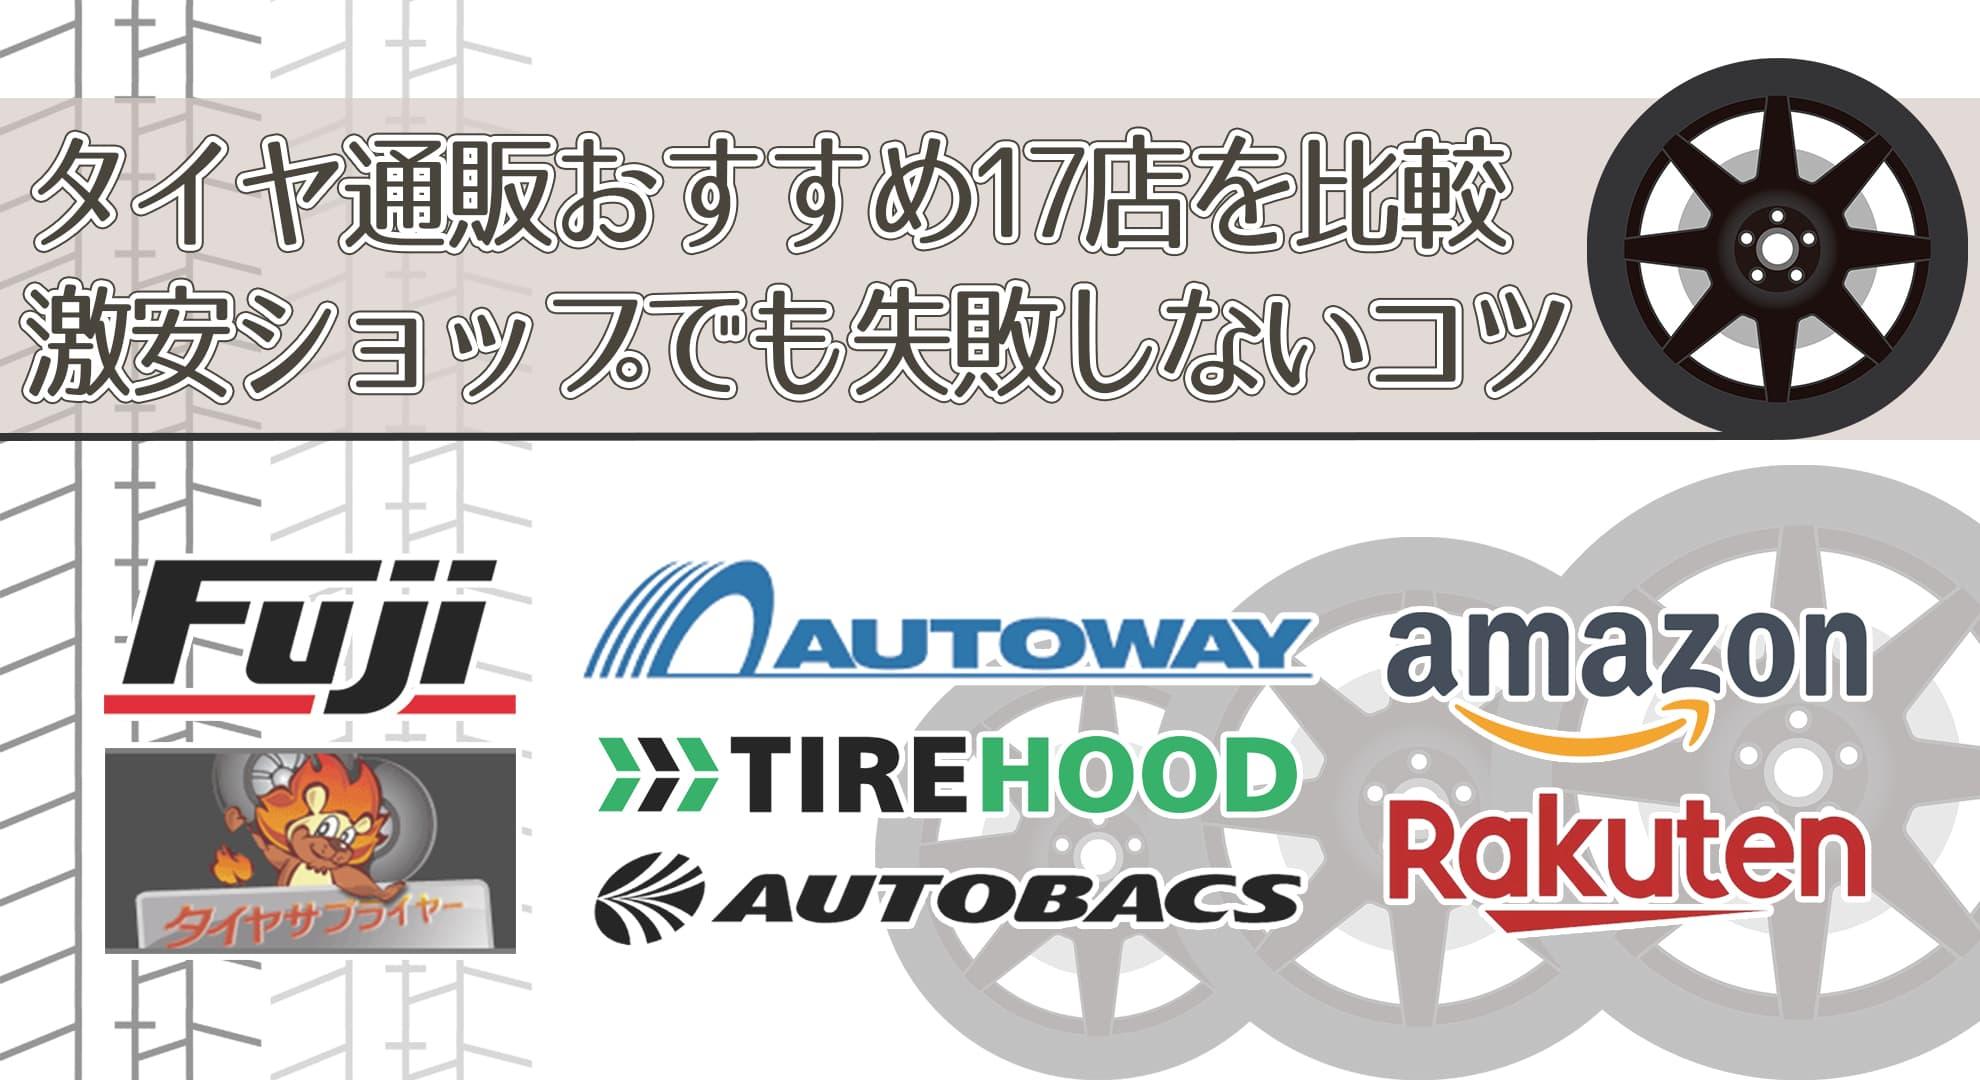 タイヤ通販おすすめ17店を比較 激安ショップでも失敗しないコツ